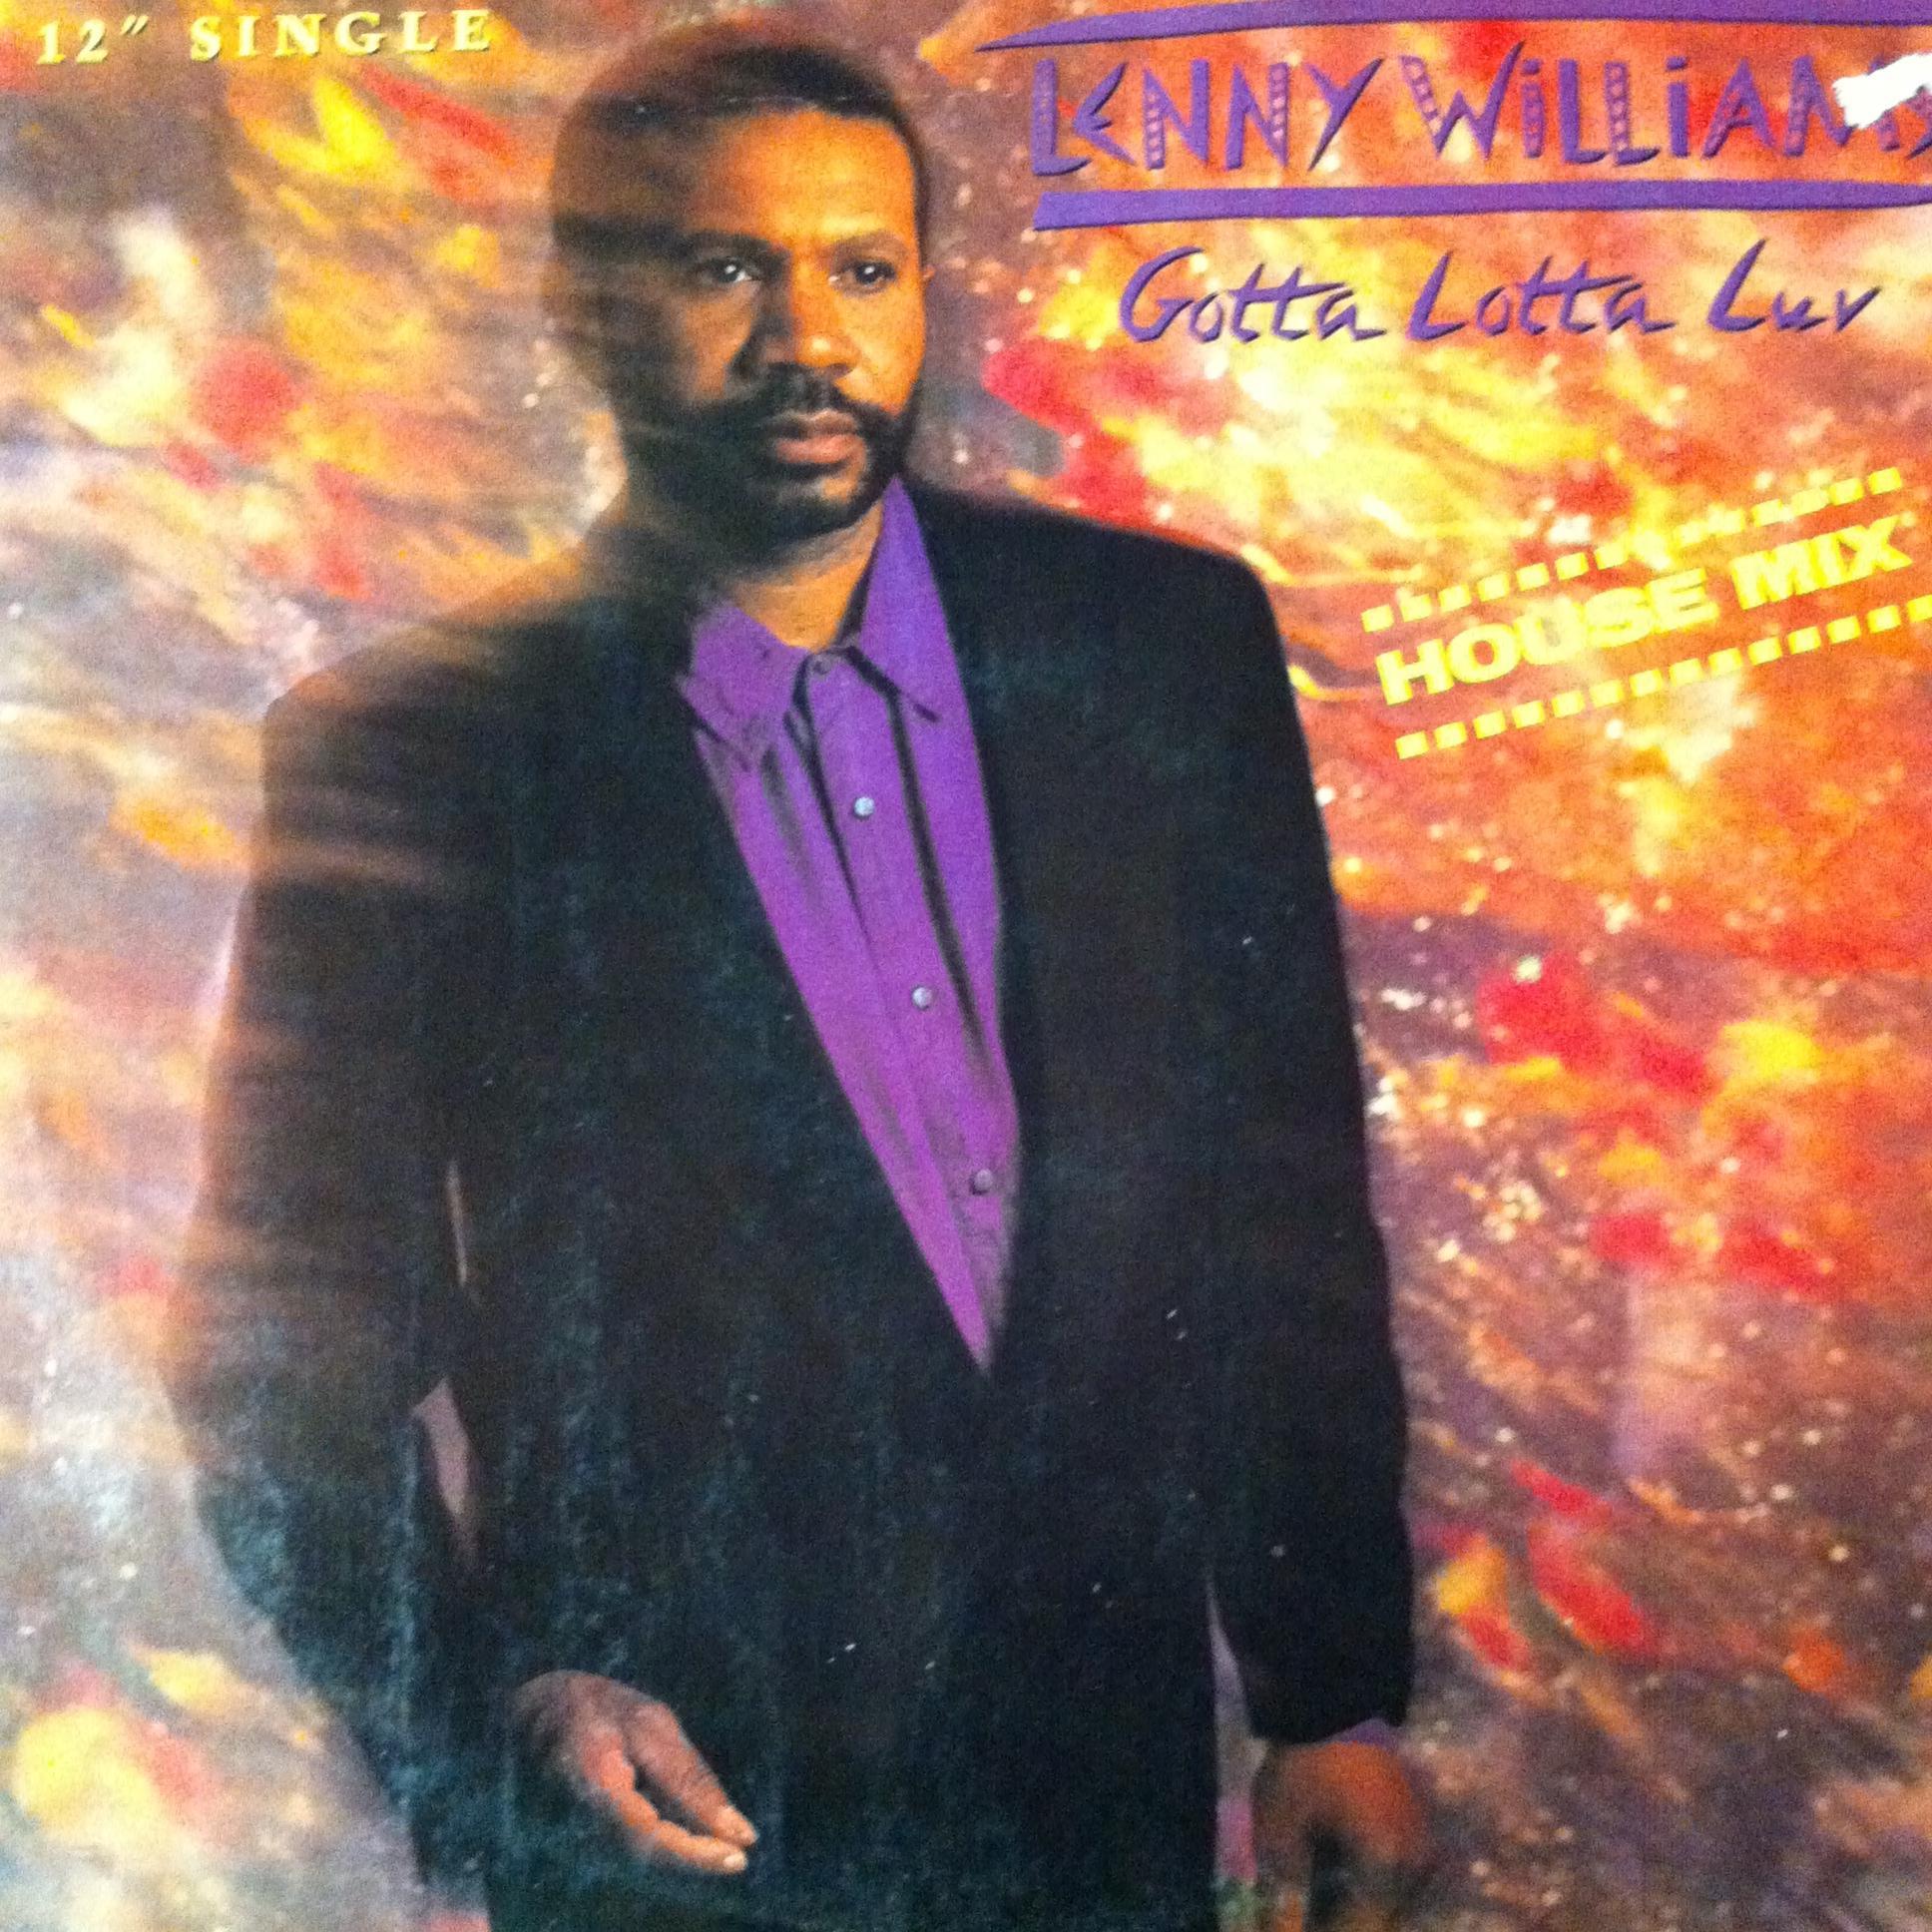 Single Cover Lenny - Gotta Lotta Luv Williams